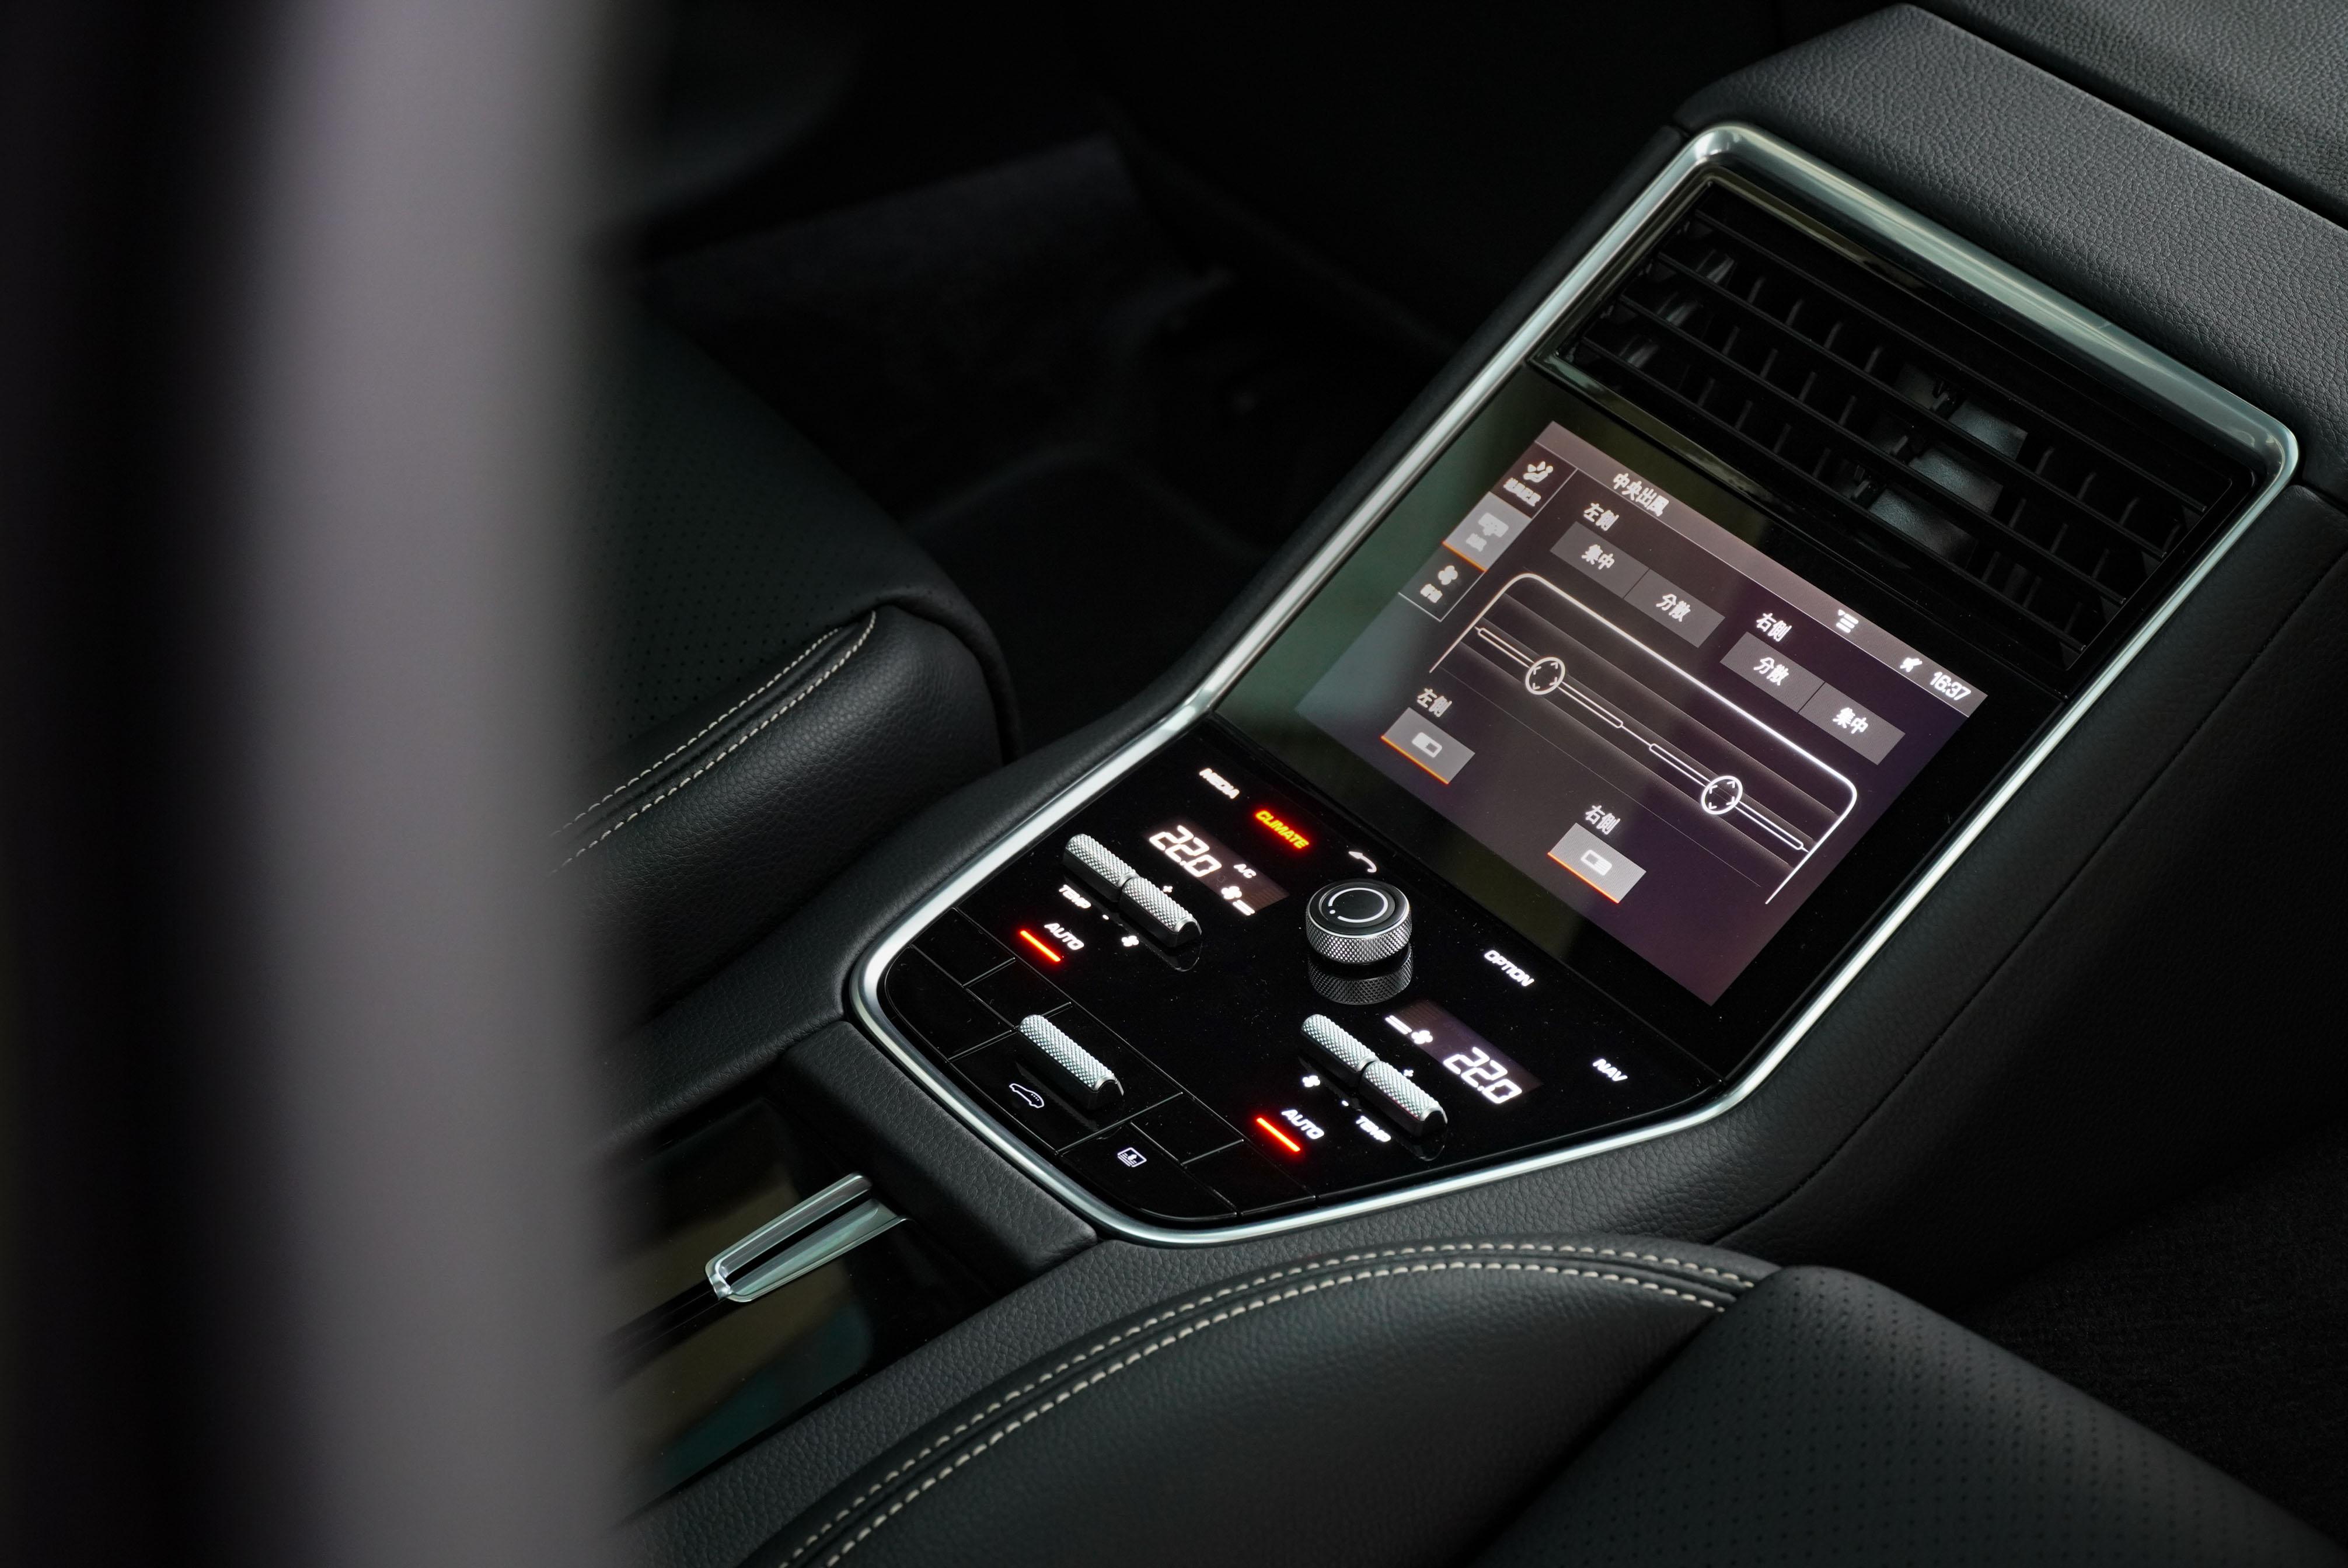 後座中央有調整空調的觸控螢幕及實體按鍵。